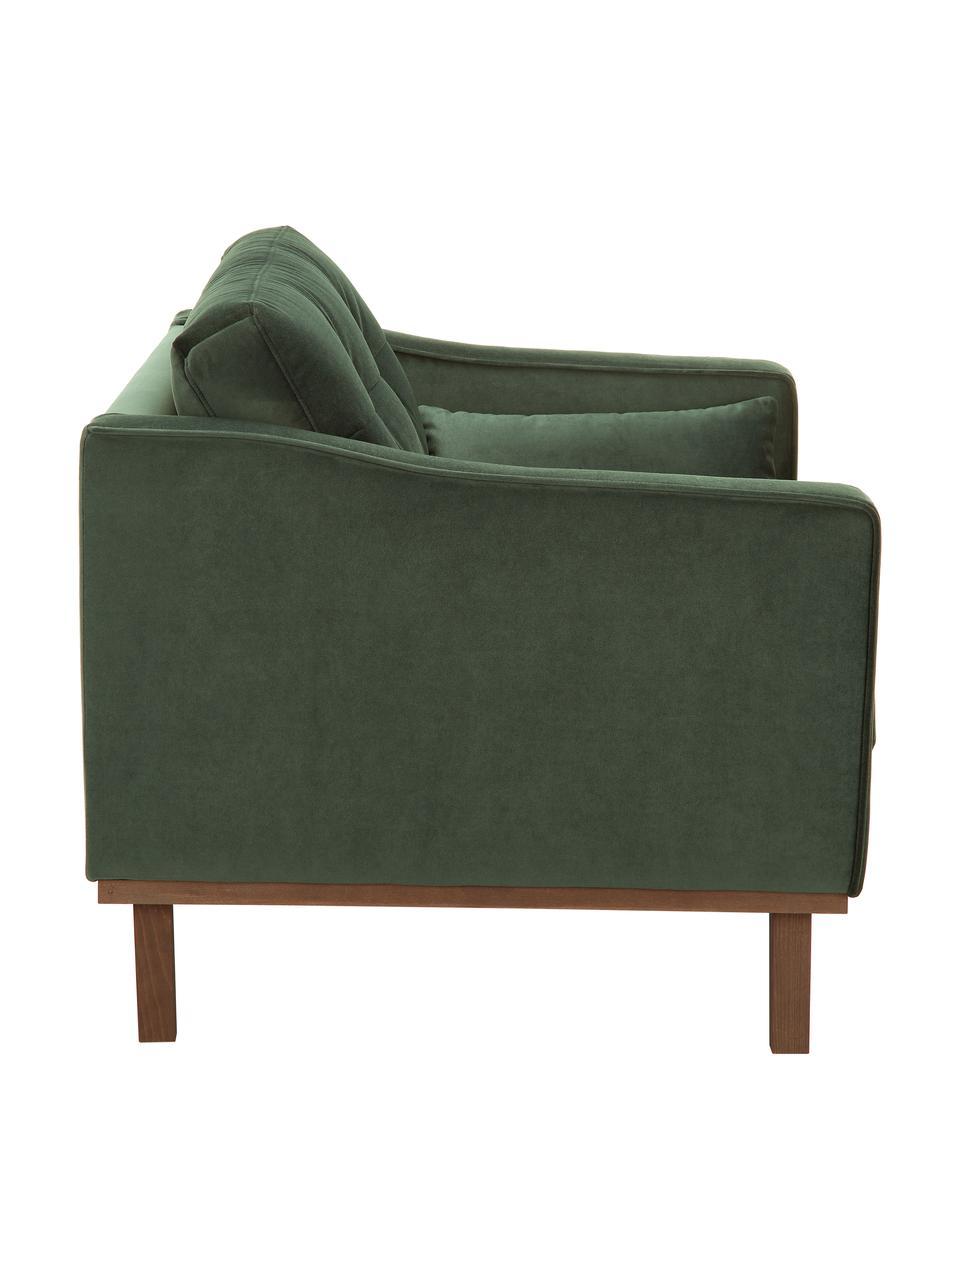 Fotel z aksamitu  z nogami z drewna bukowego Alva, Tapicerka: aksamit (wysokiej jakości, Nogi: lite drewno bukowe, barwi, Aksamitny oliwkowy, S 102 x G 92 cm